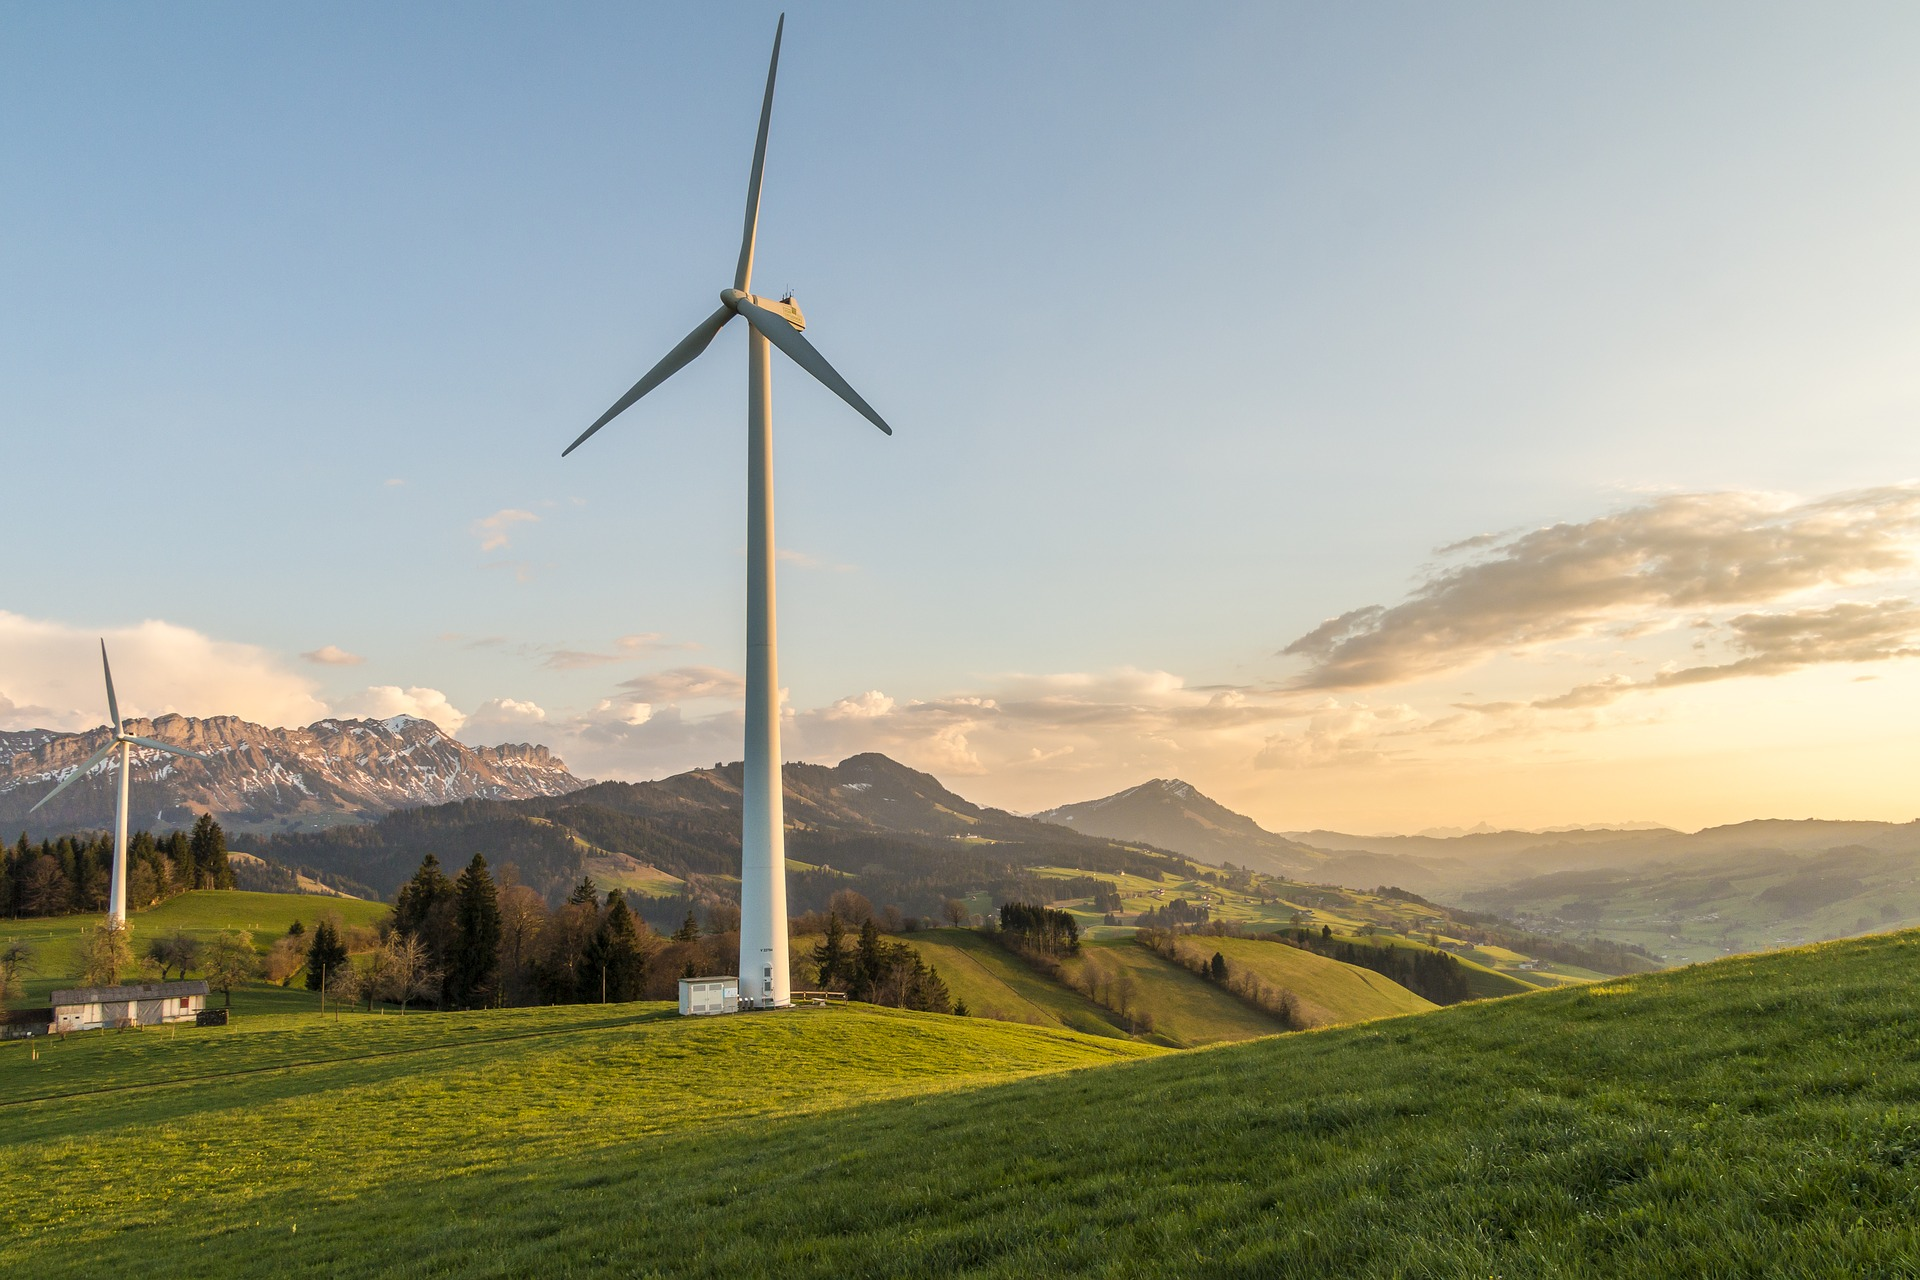 suisse eoliennes panneaux photovoltaiques alpes - L'Energeek.jpg